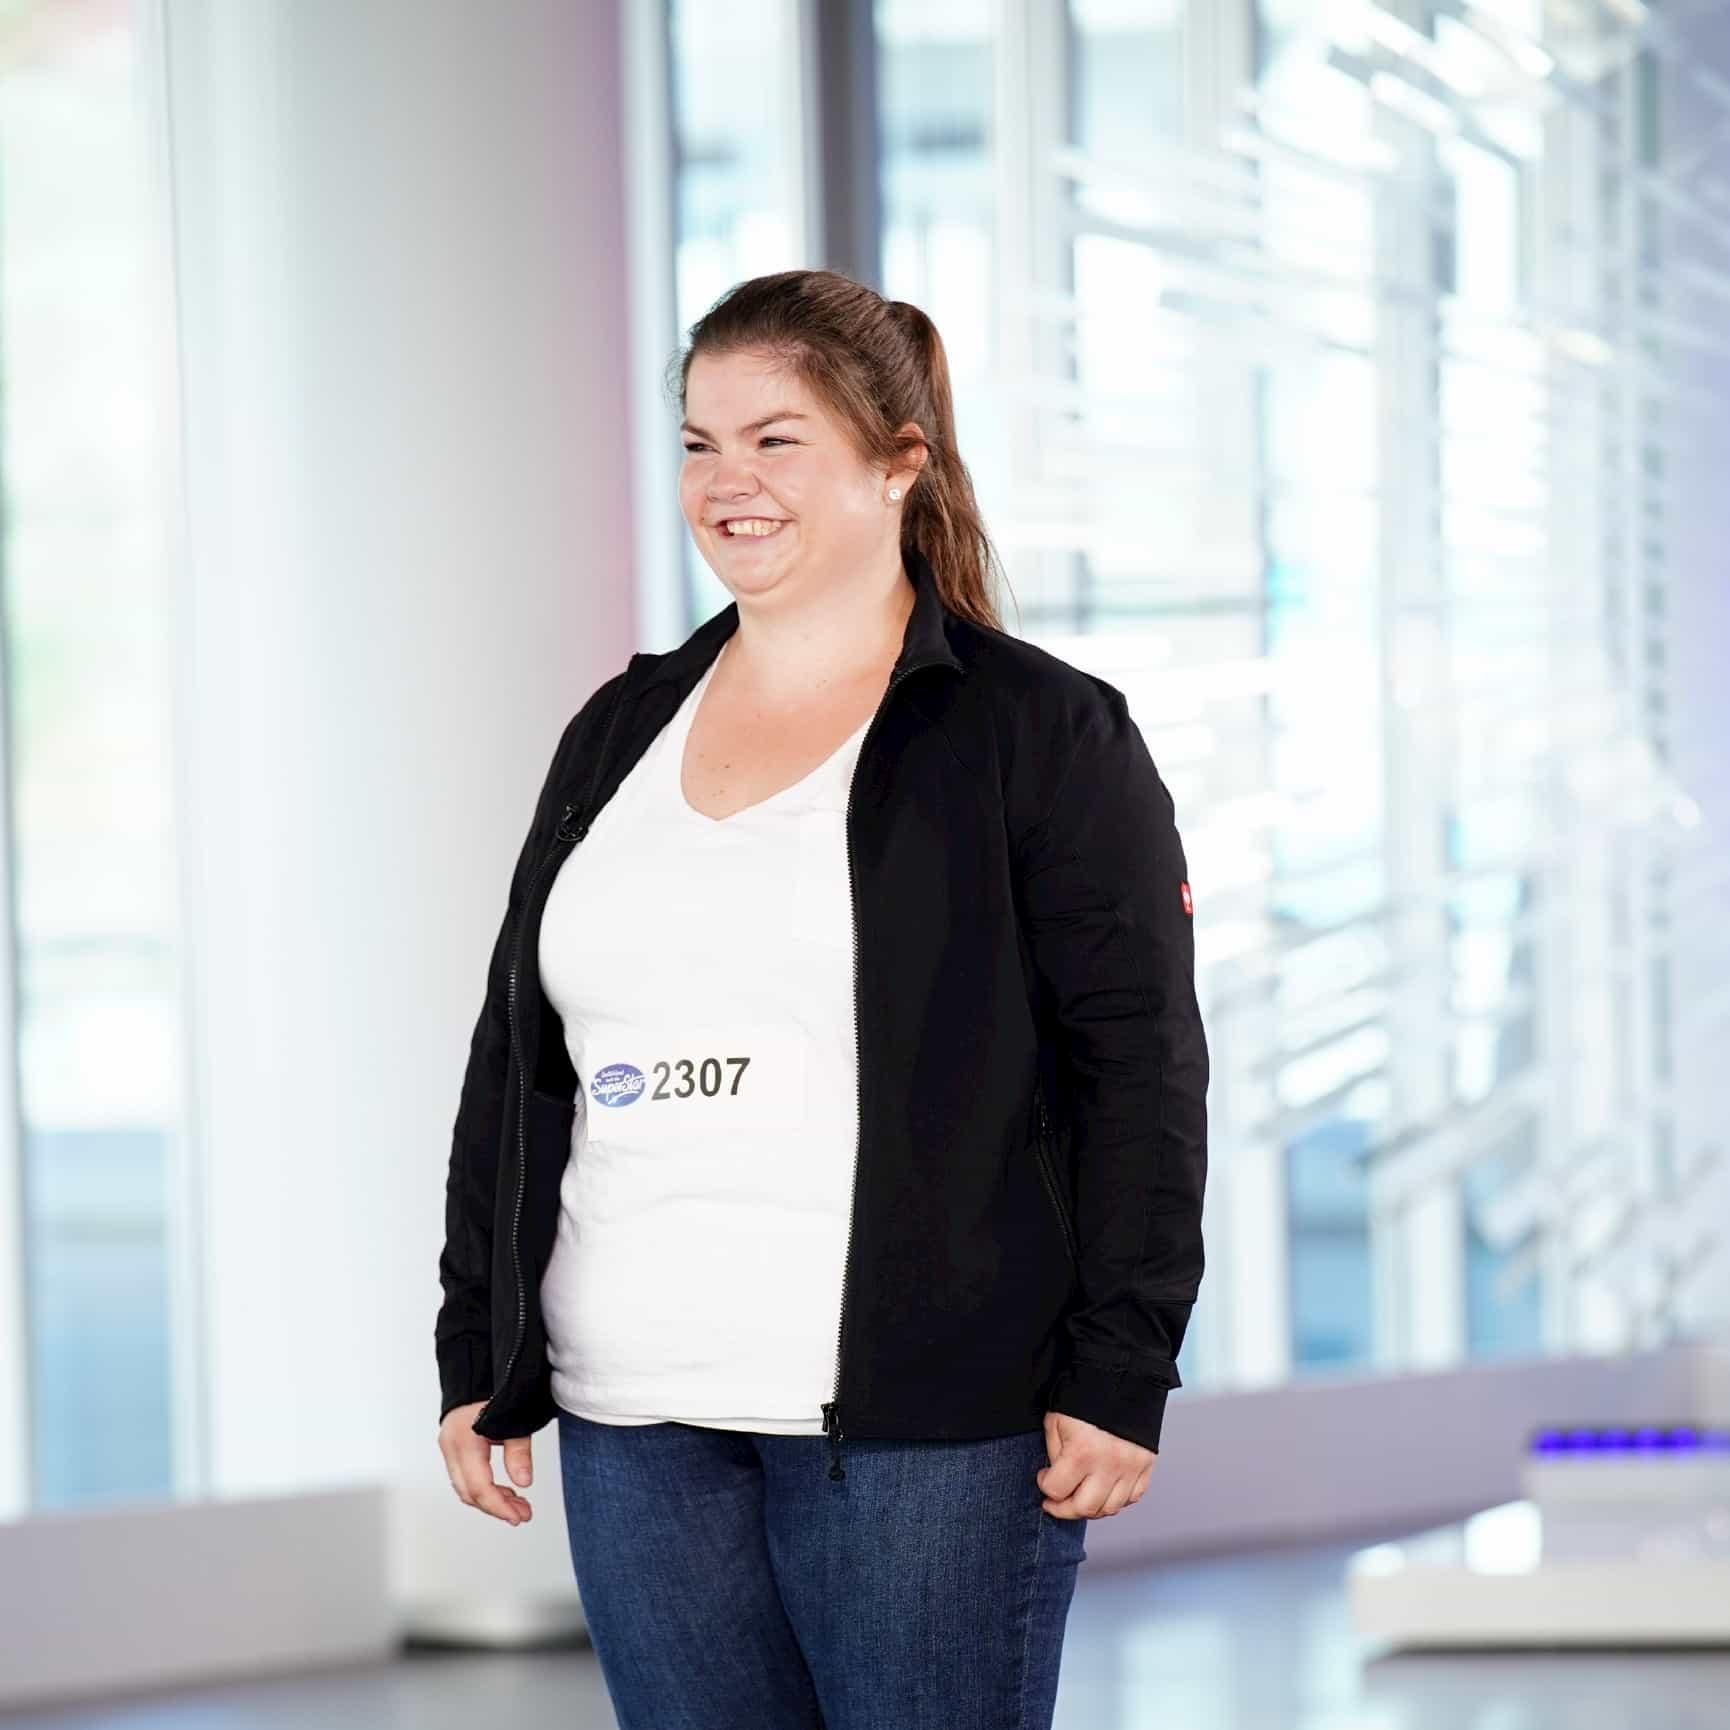 Janina Mödden bei DSDS am 28.1.2020 als Kandidatin